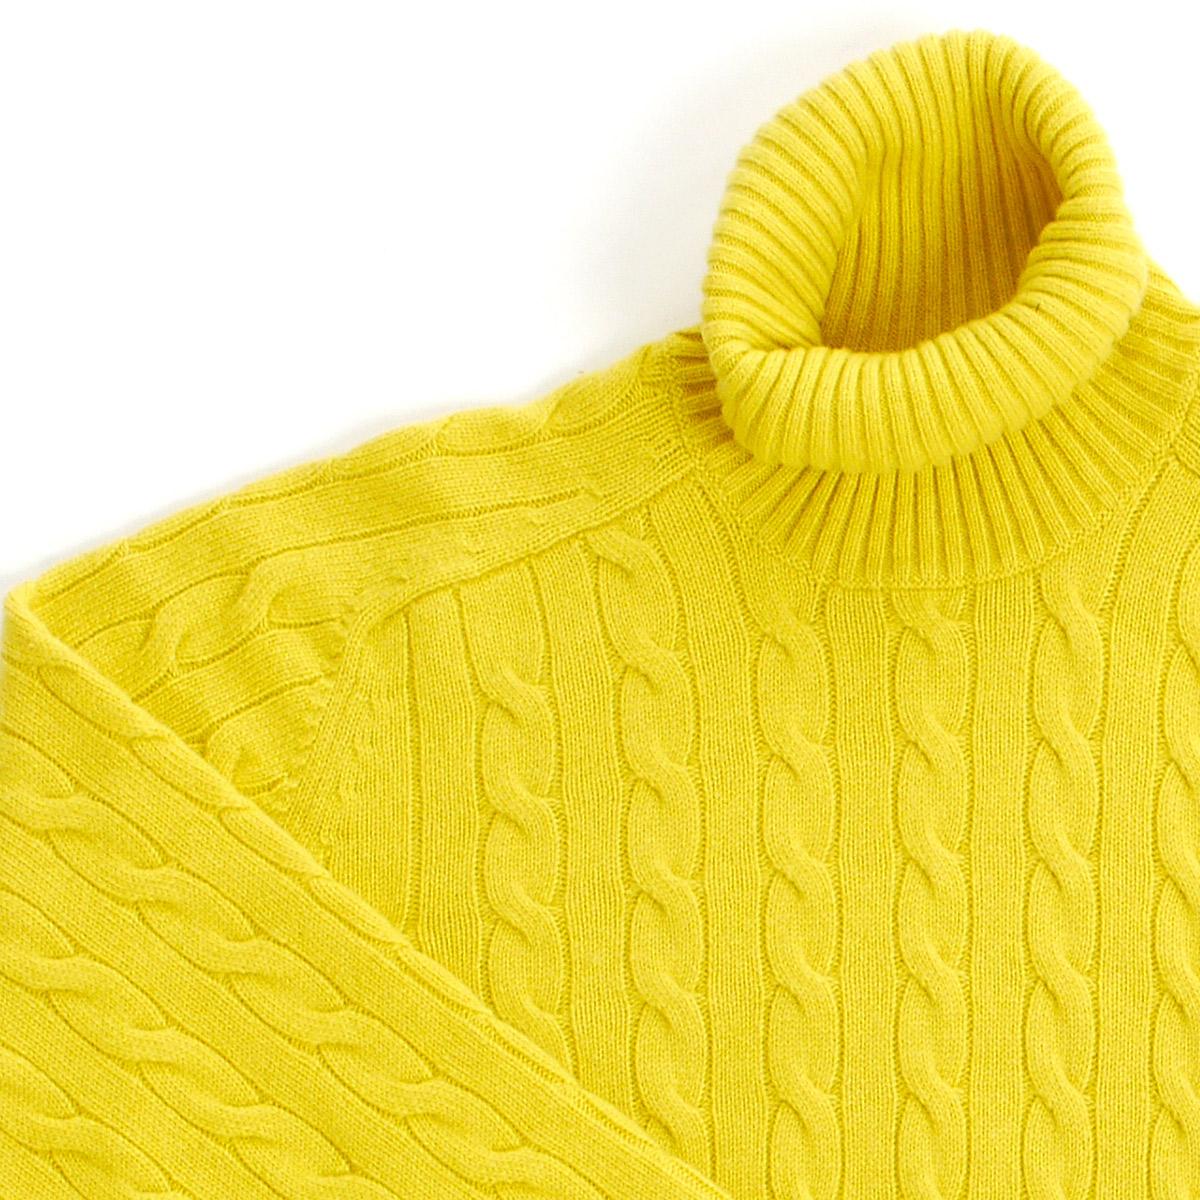 Maglia Sir Wilson – dolcevita cashmere – giallo – dettaglio